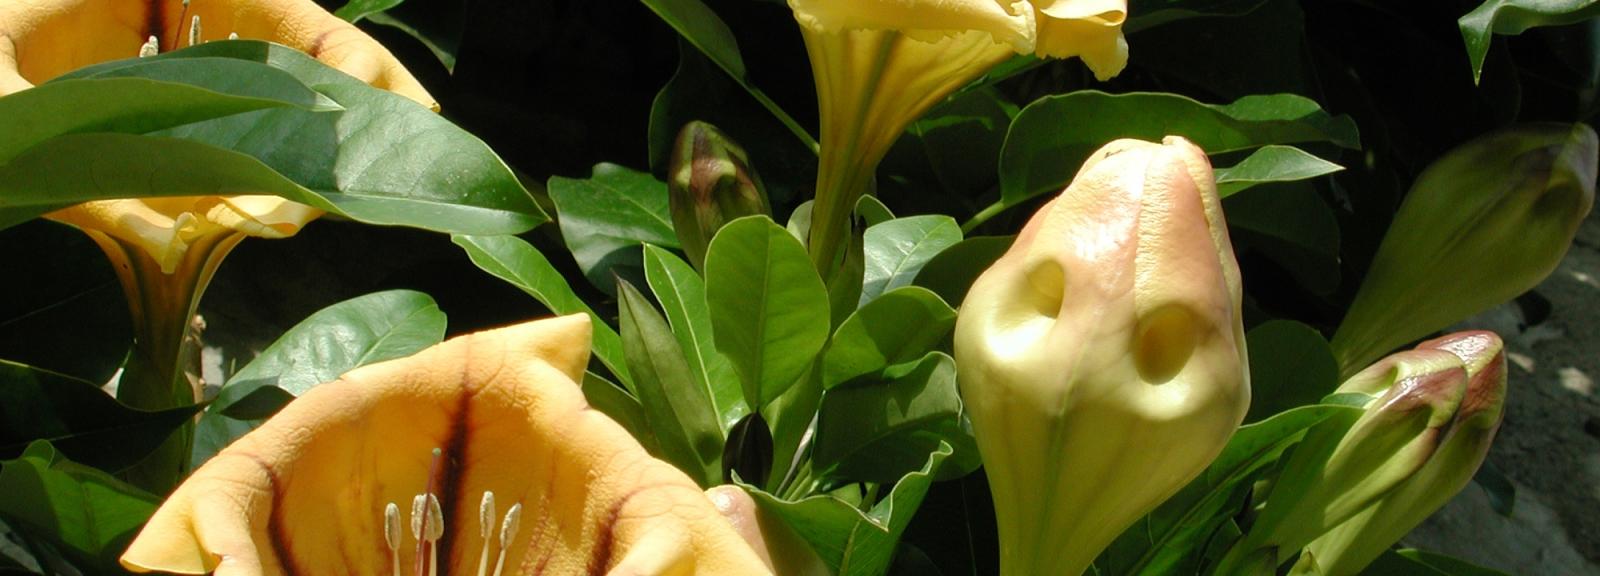 Liane trompette (Solandra maxima) - Jardin botanique Val Rahmeh-Menton © MNHN - Christophe Joulin